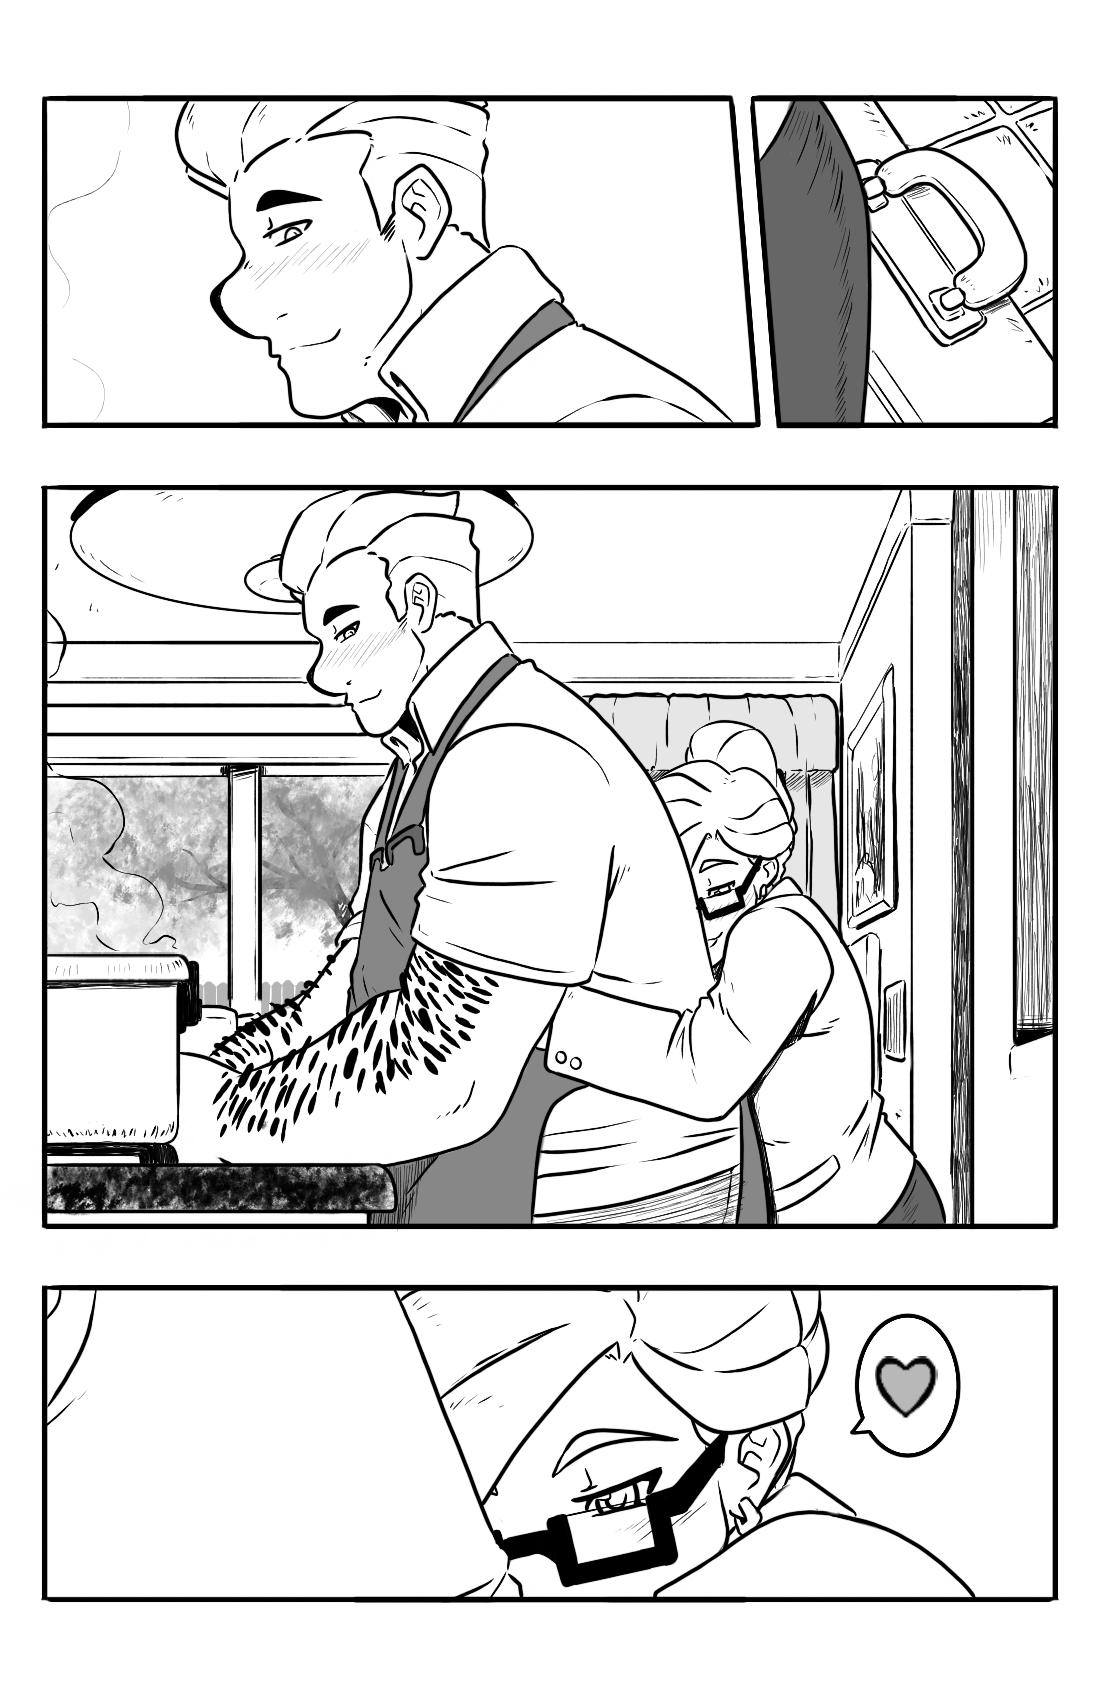 Tender Moment pg.2